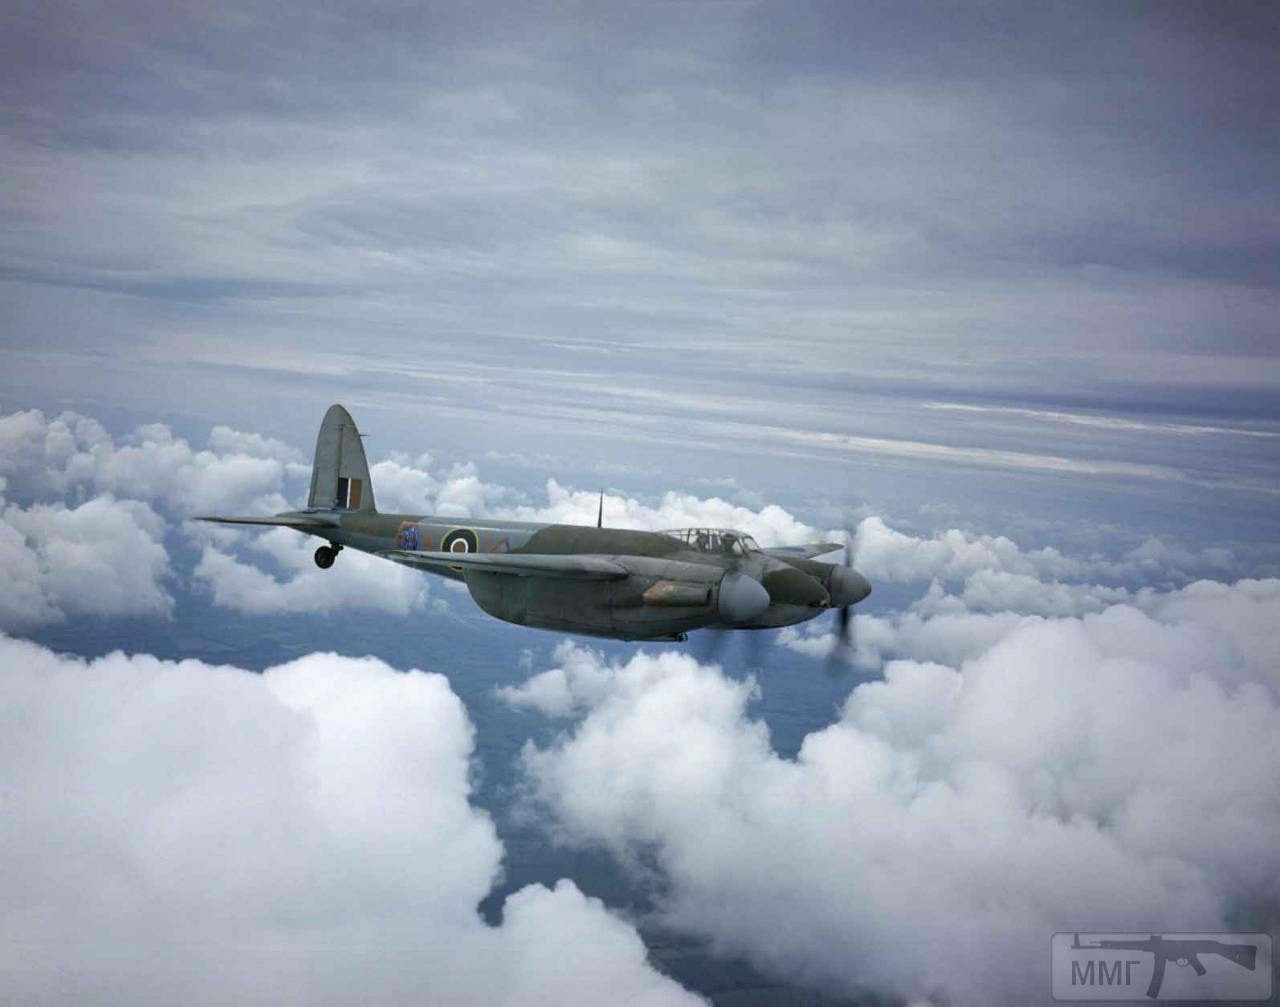 74405 - Красивые фото и видео боевых самолетов и вертолетов